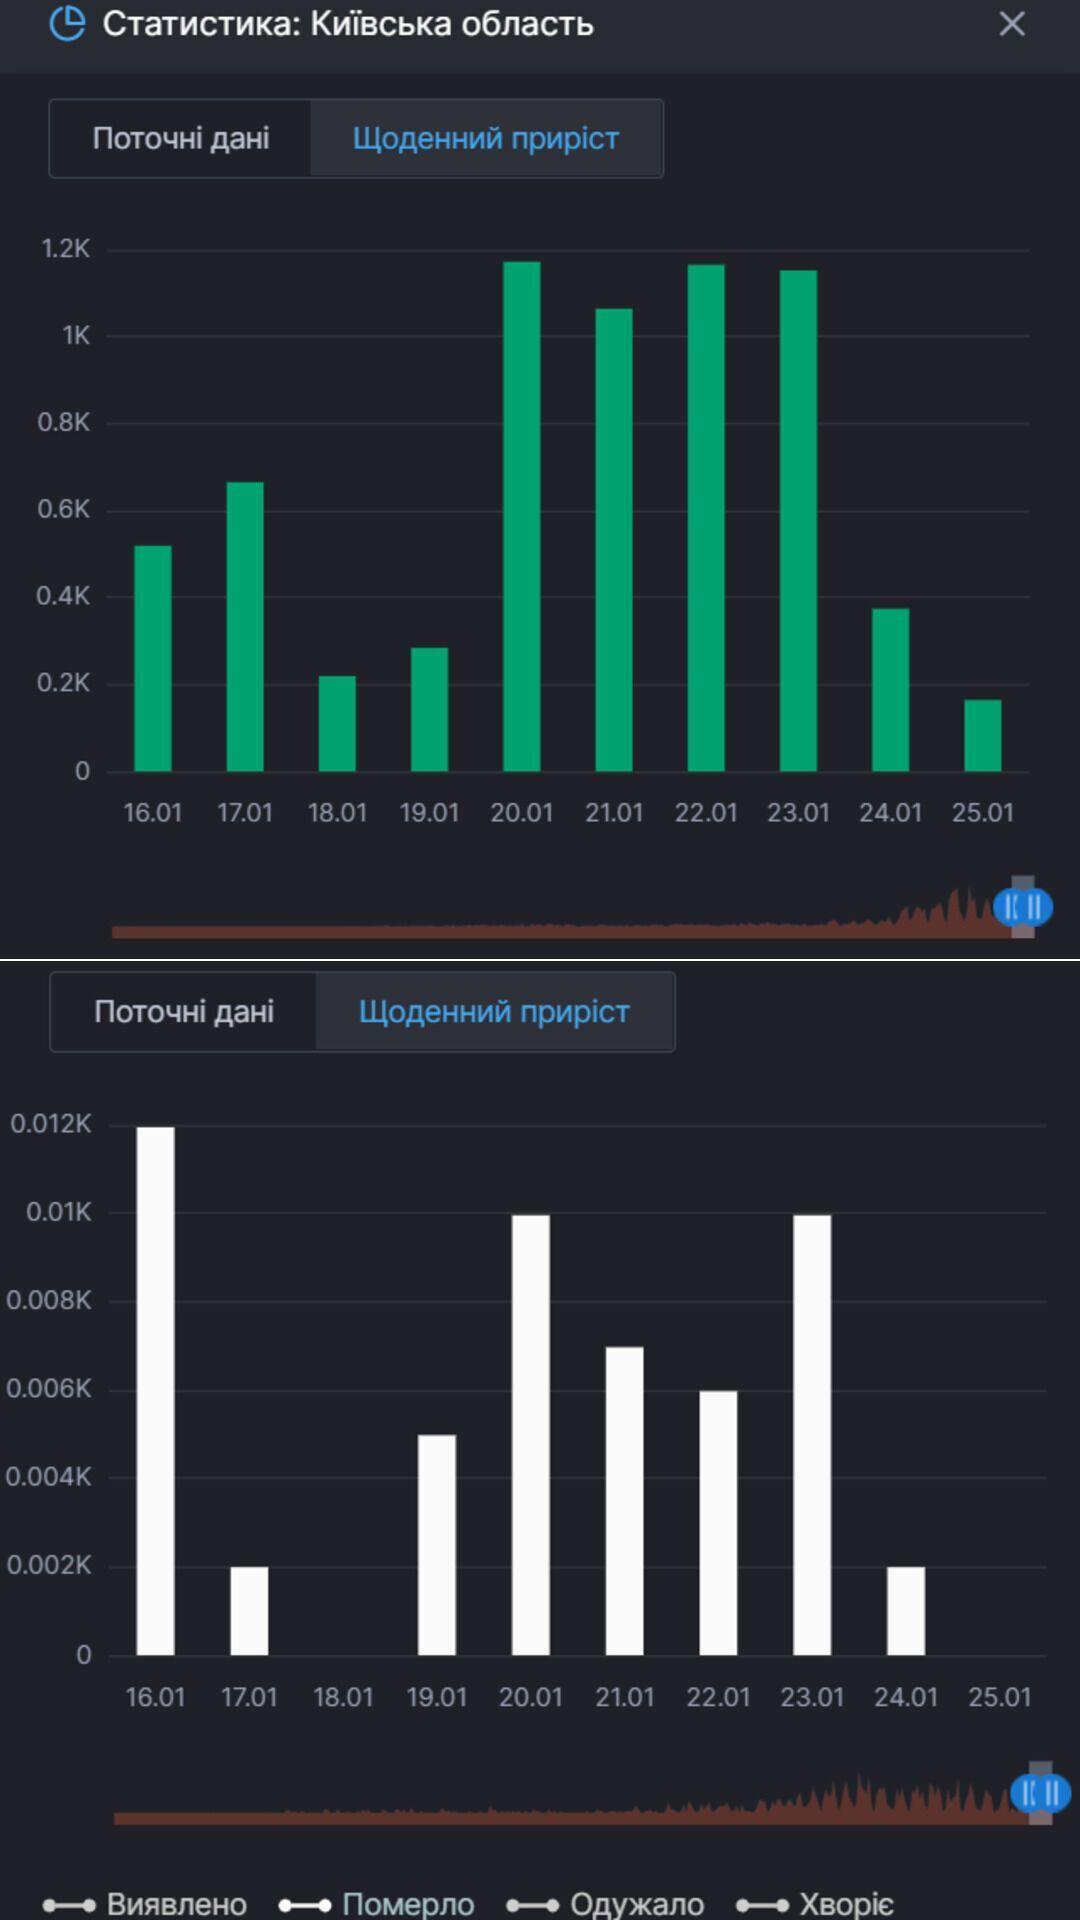 Ежедневный прирост выздоровлений и смертей от COVID-19 в Киевской области